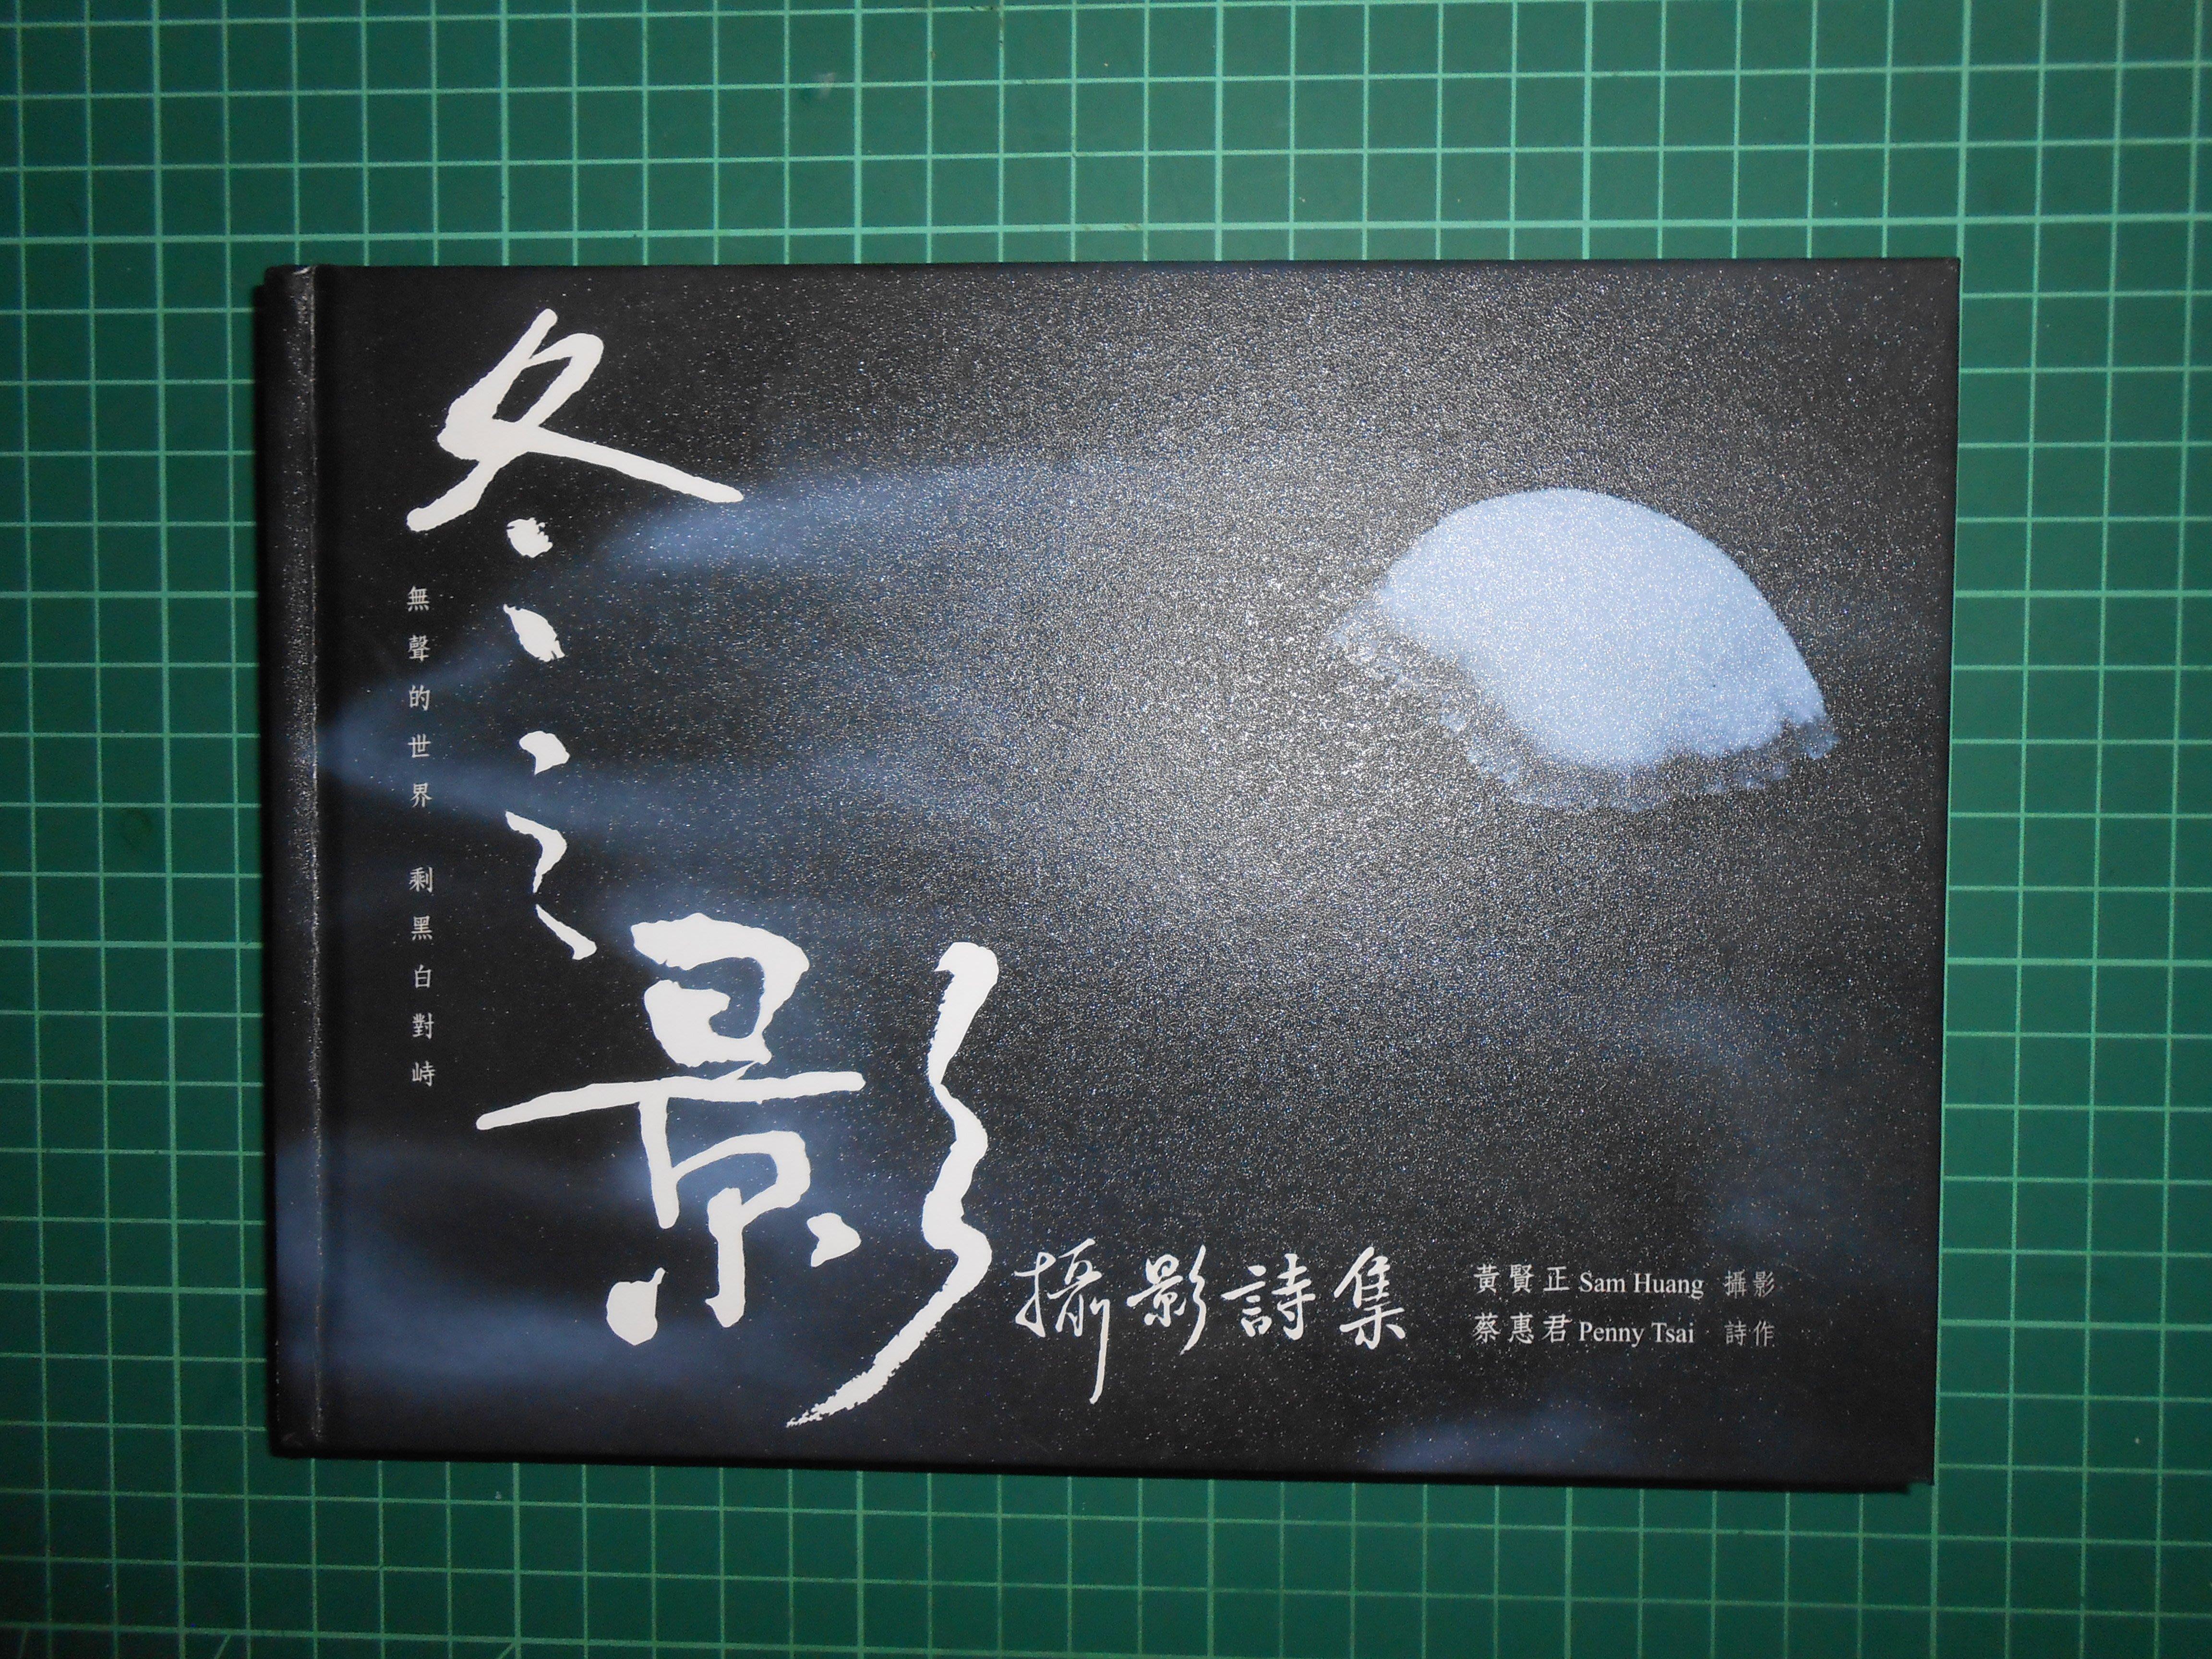 親簽收藏《 冬之影 攝影詩集》 蔡惠君詩作  黄賢正攝影 白象文化  幾乎全新【CS超聖文化2讚】